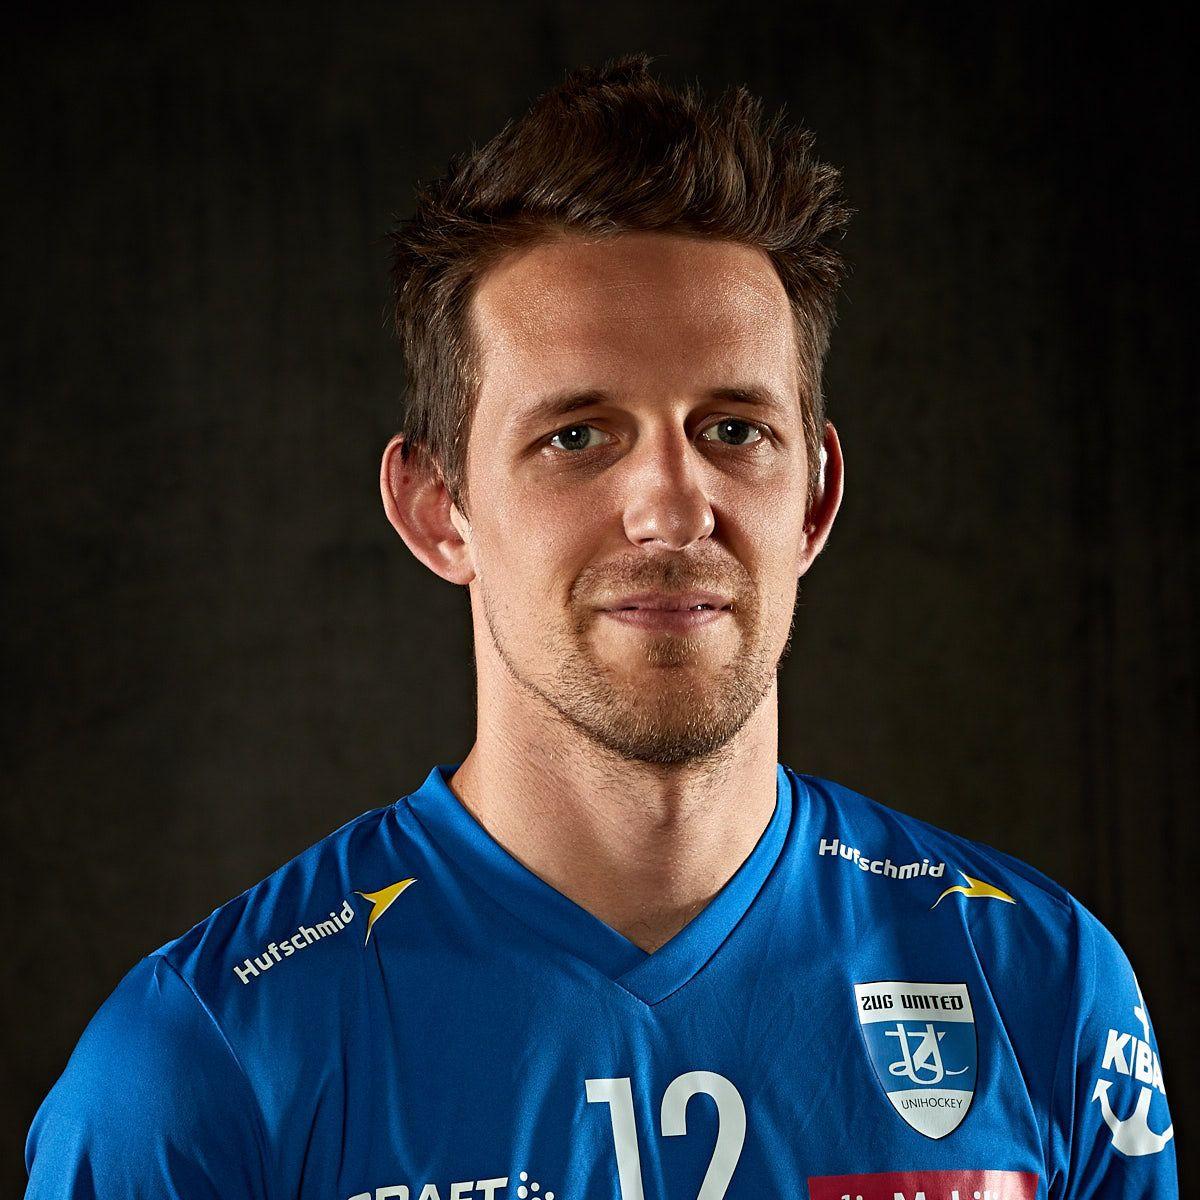 Zug United Männer NLA Steven Fiechter.jpg